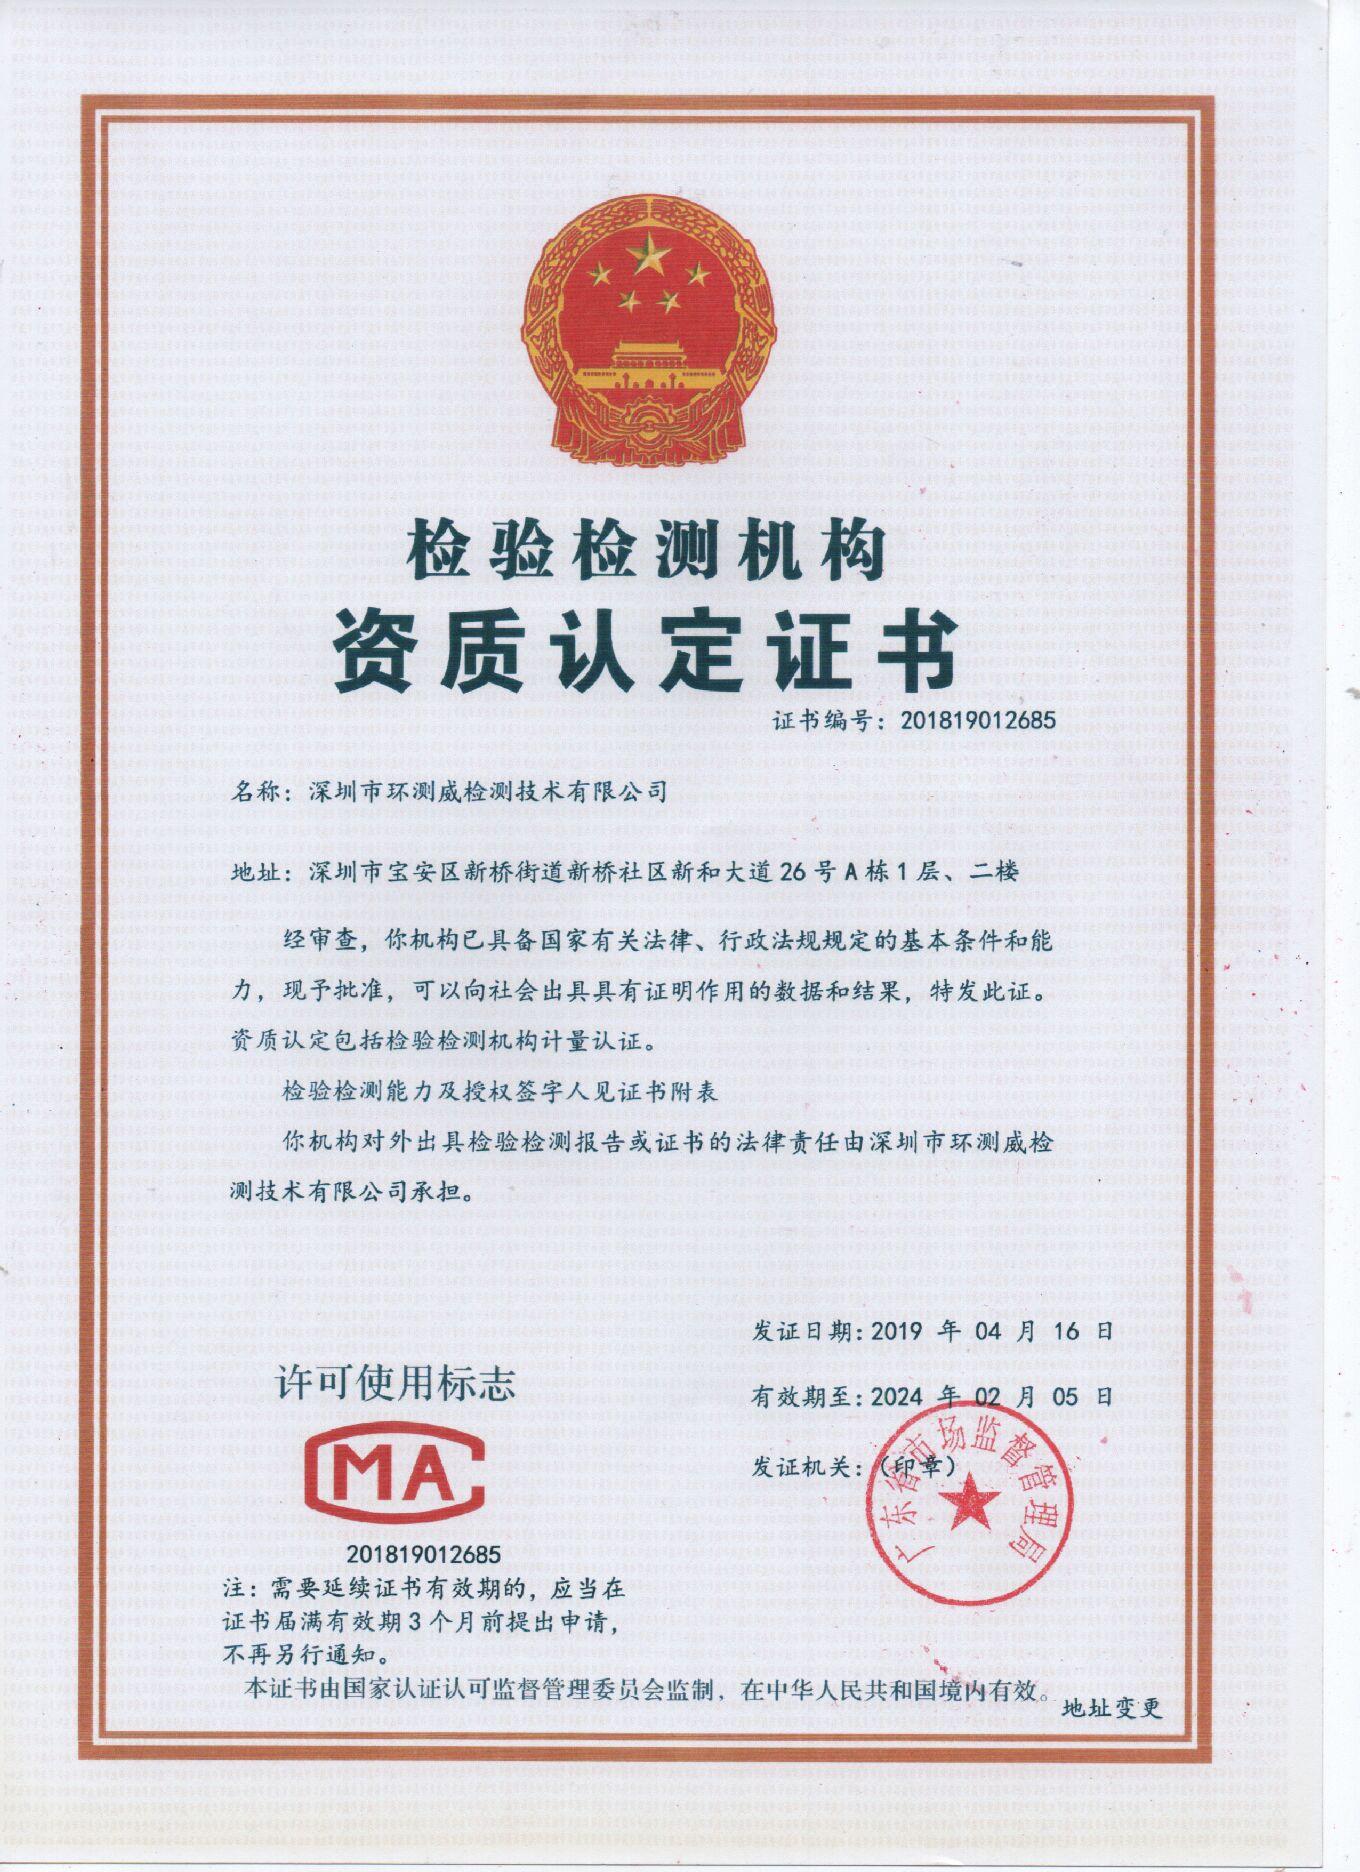 环测威CMA证书